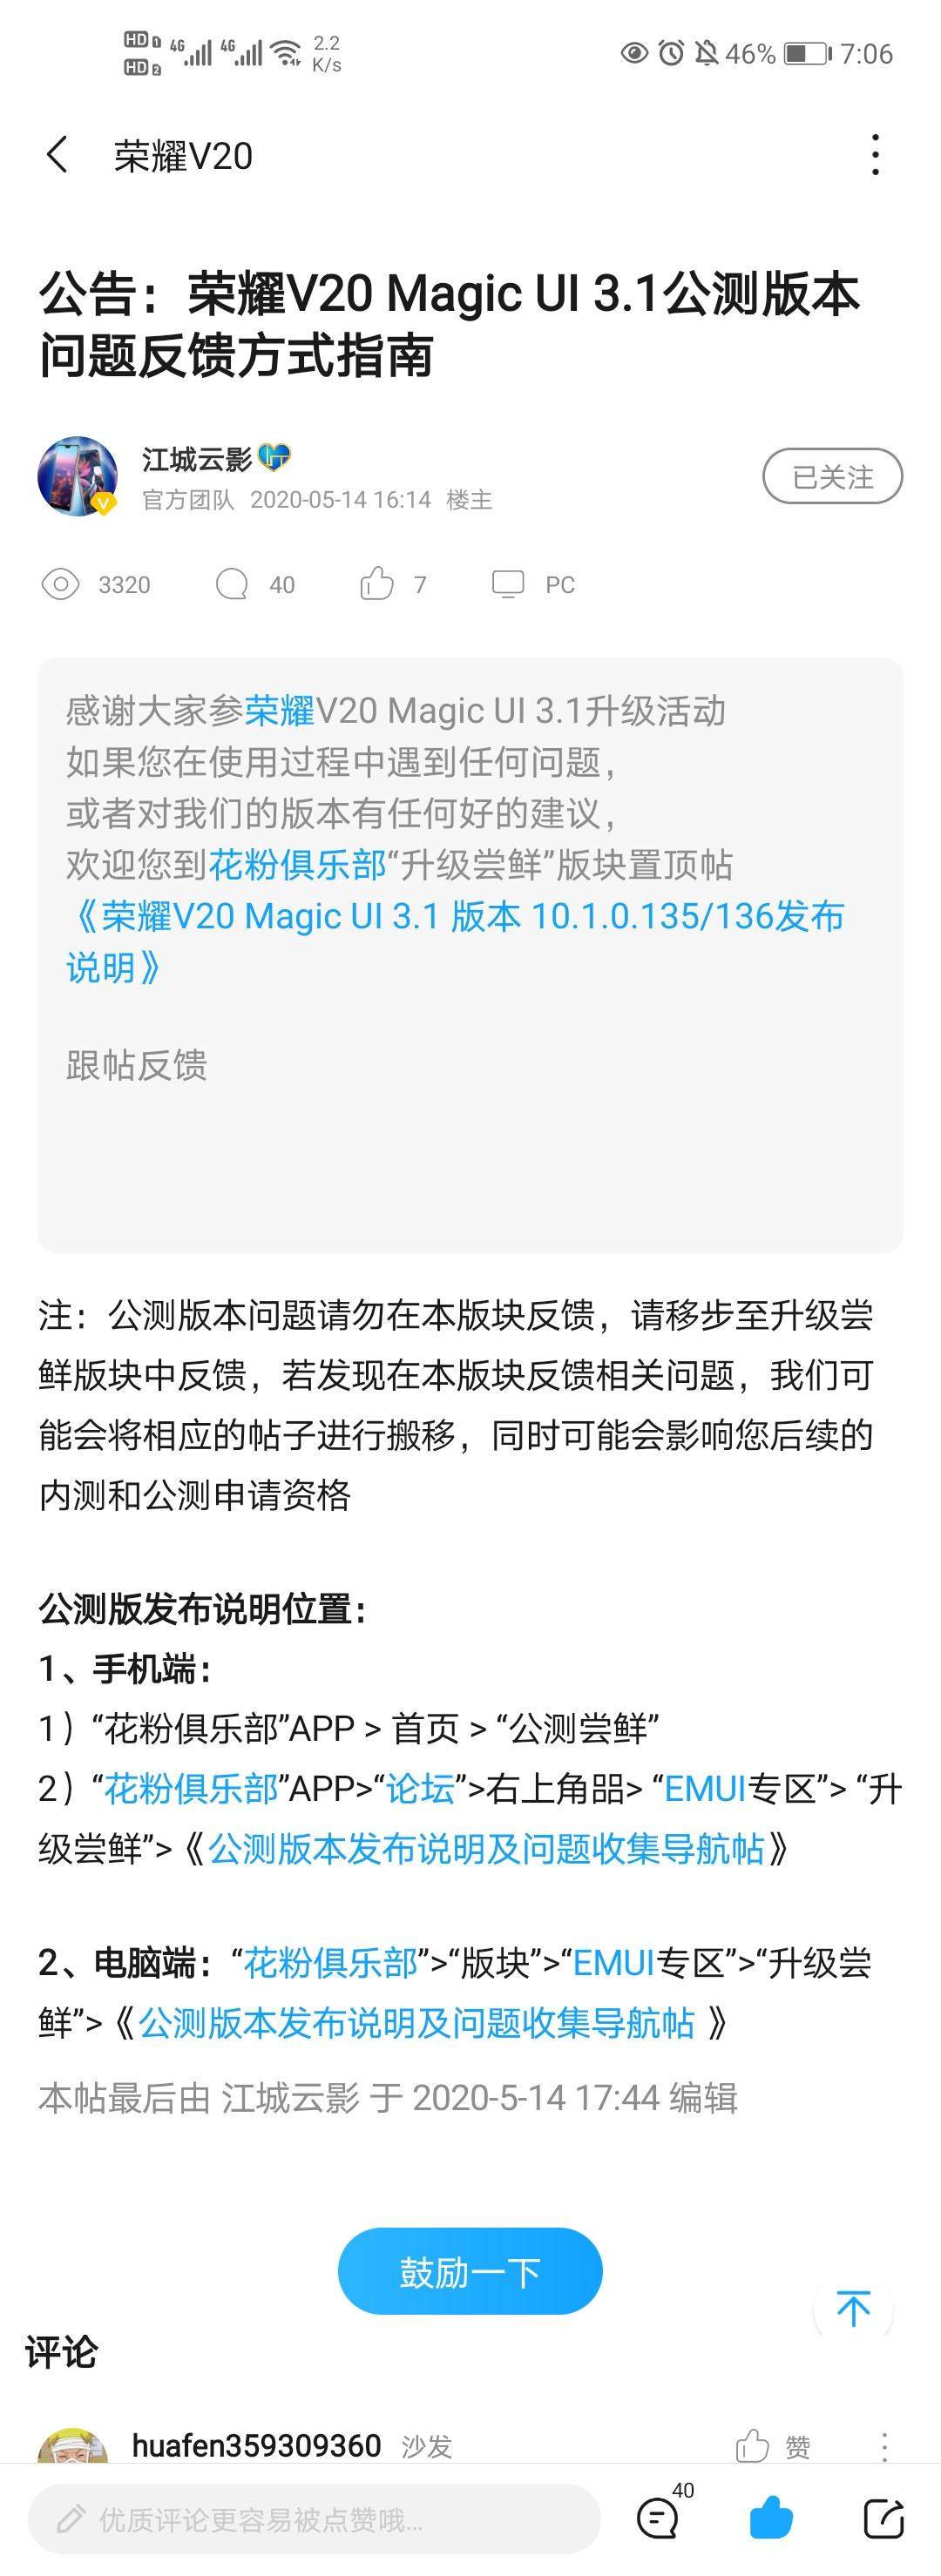 Screenshot_20200515_070632_com.huawei.fans.jpg